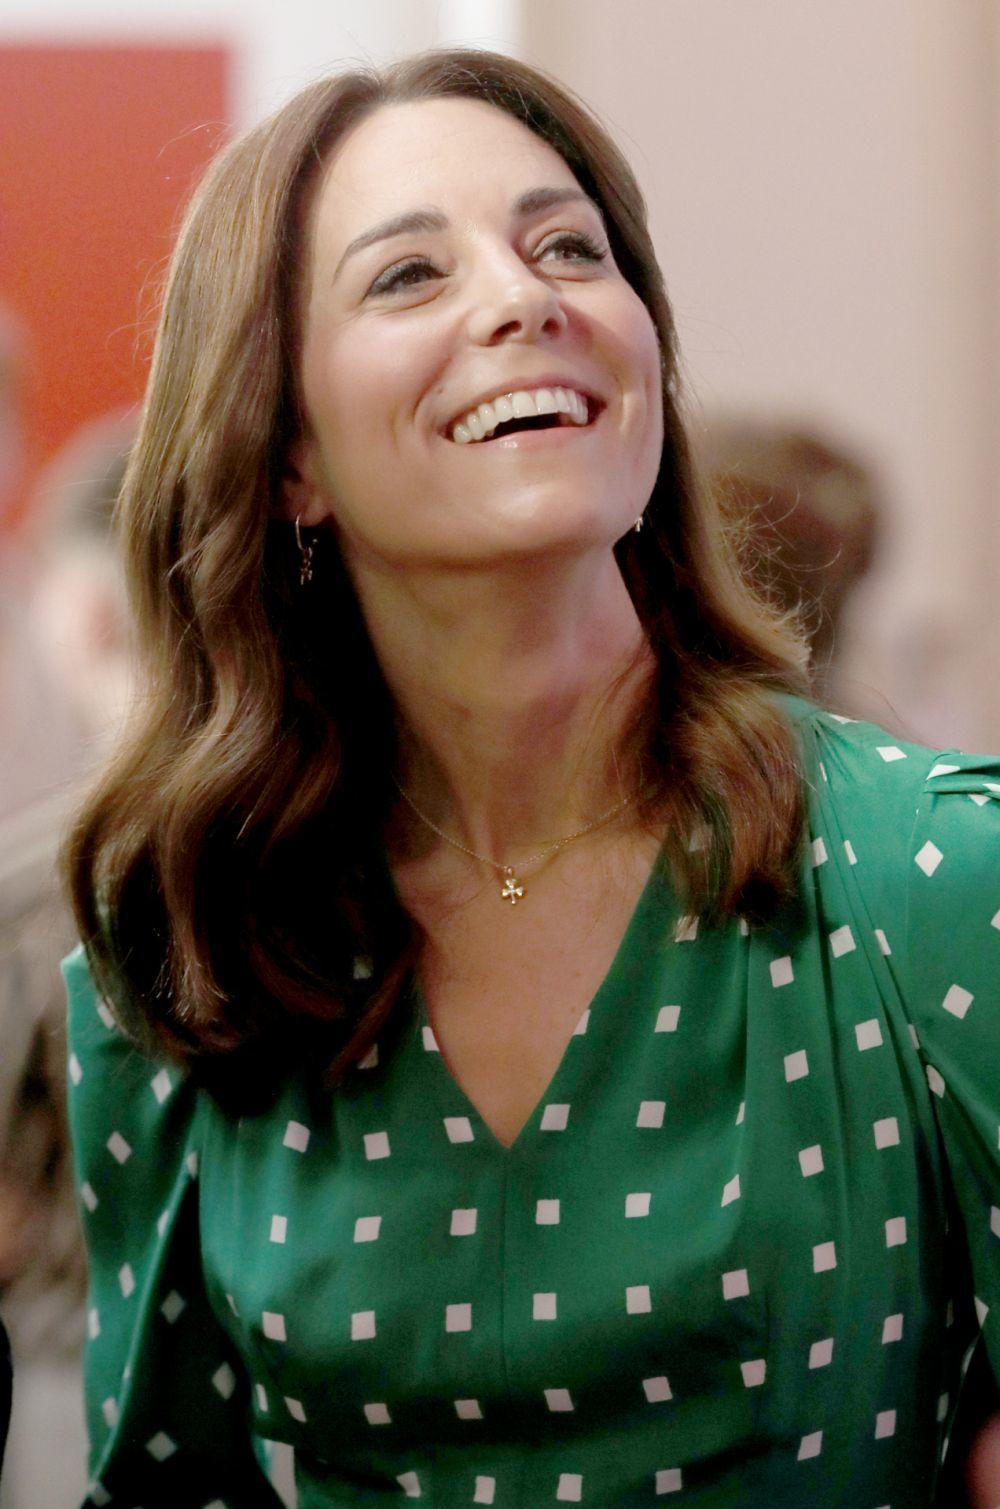 La duquesa de Cambridge se rinde a las bondades de la muselina como producto fundamental para su limpieza del rostro.